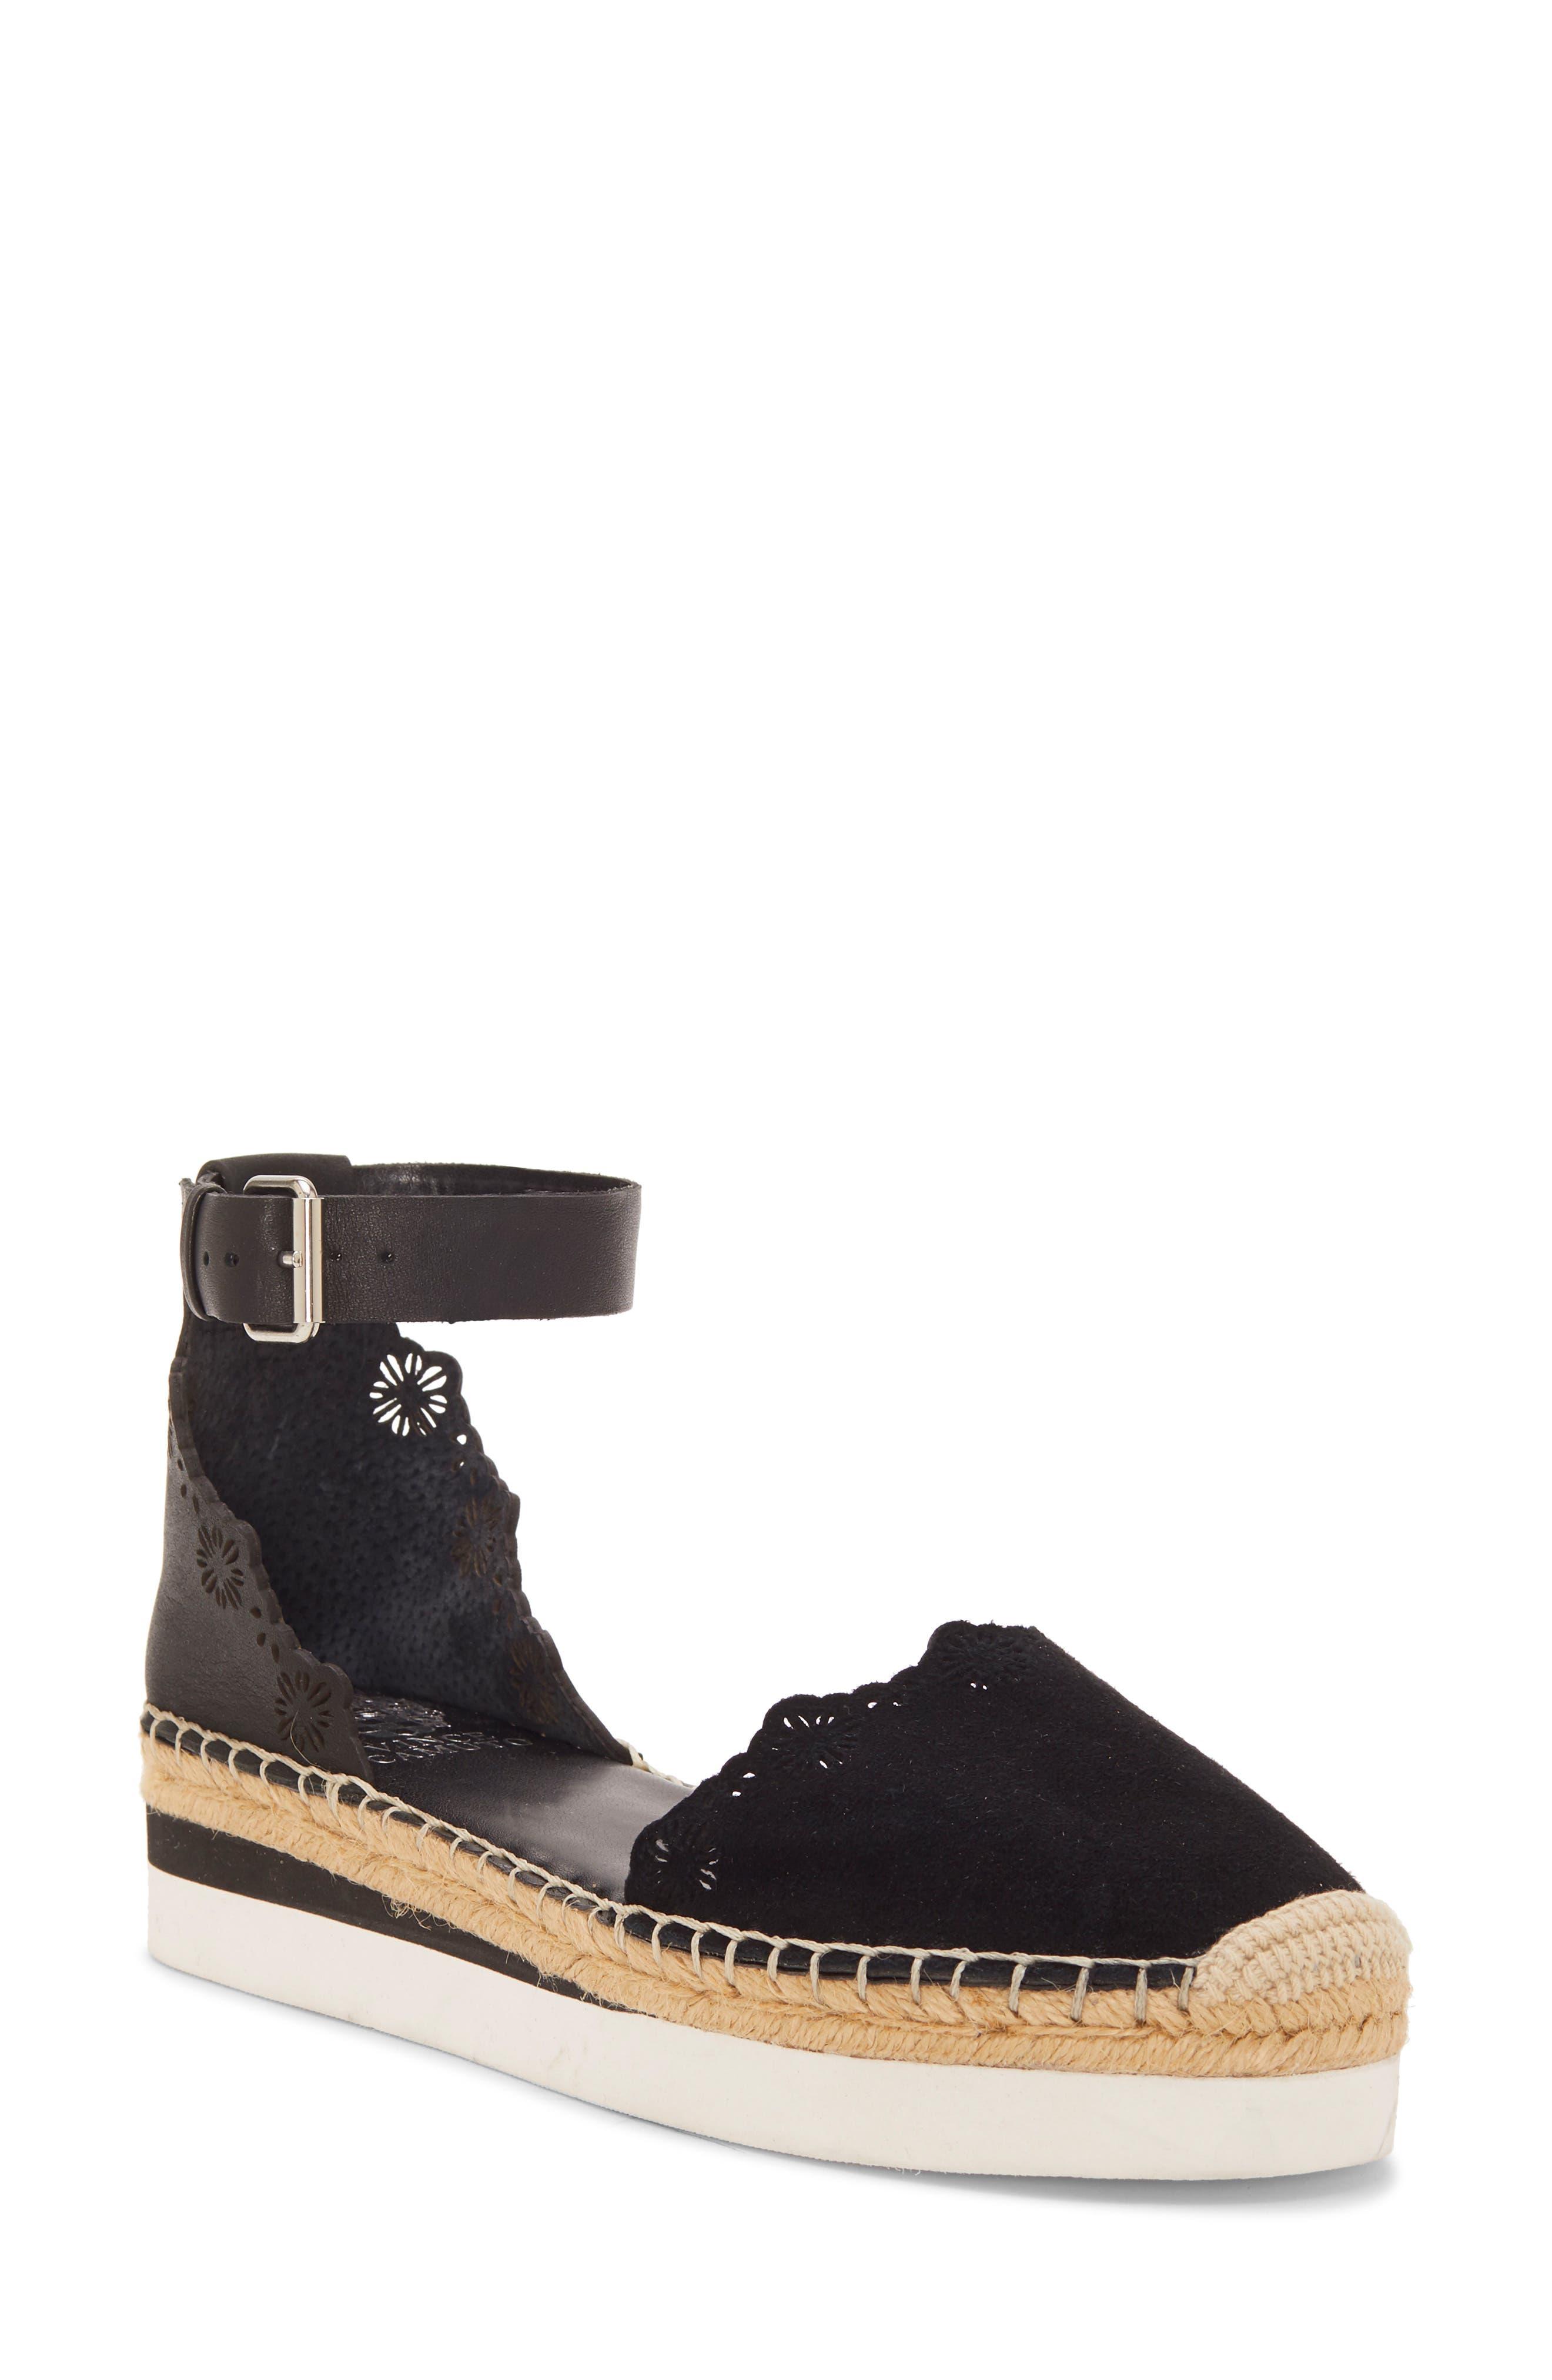 Vince Camuto Breshan Ankle Strap Espadrille Wedge, Black